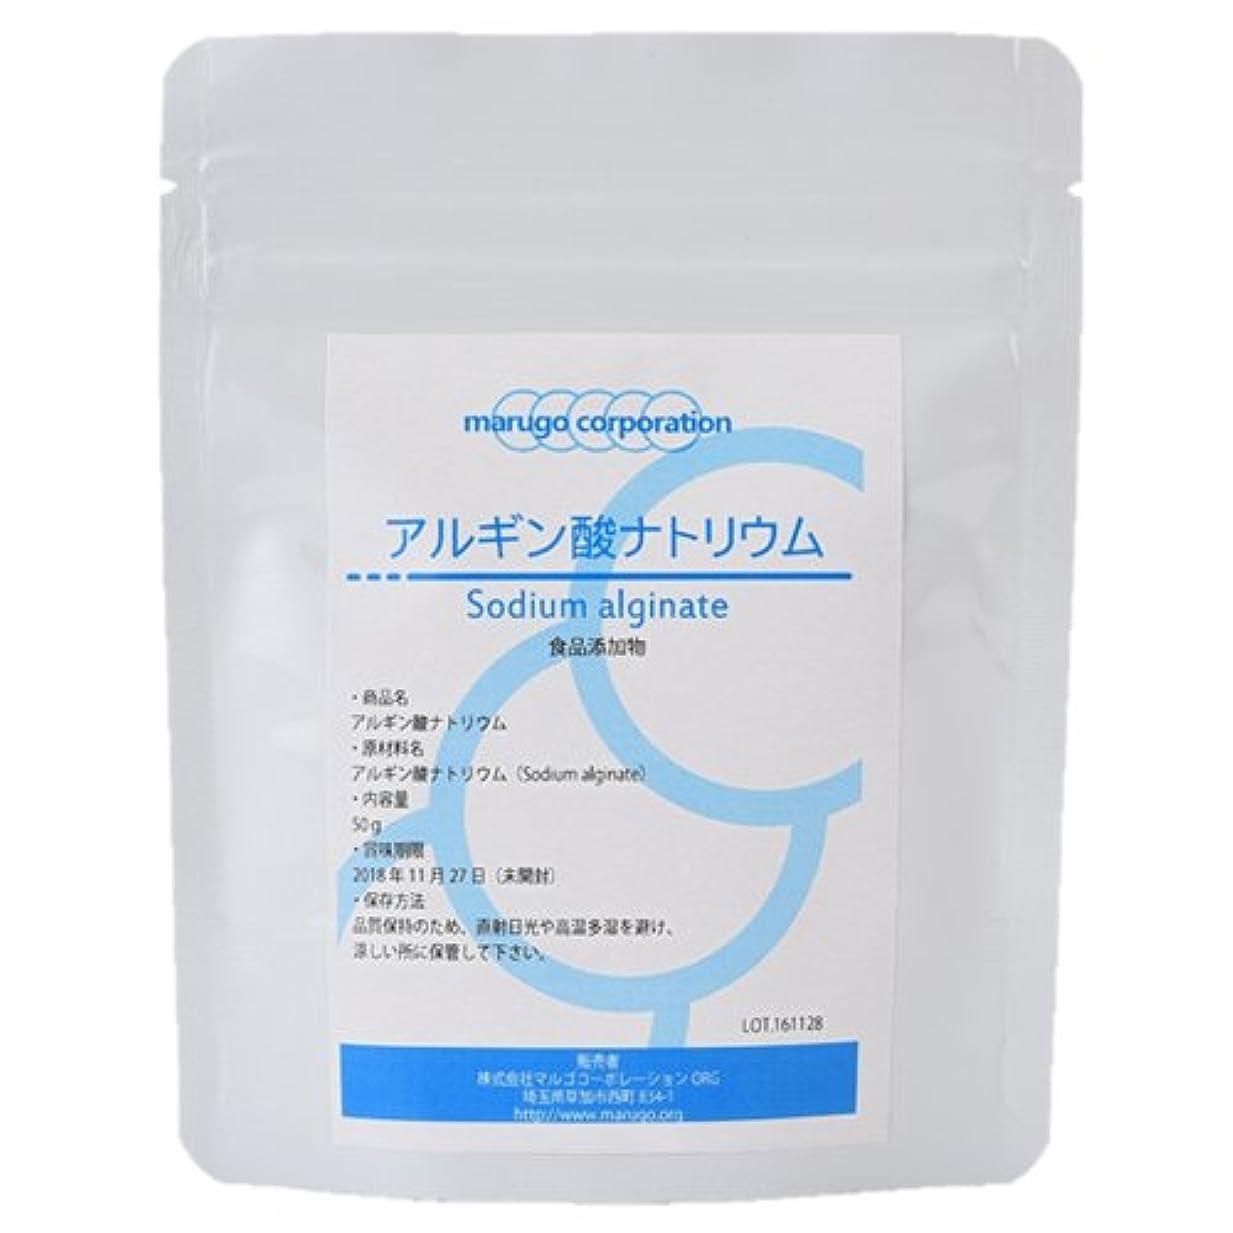 時刻表キャロライン遠えmarugo(マルゴ) アルギン酸ナトリウム 50g 人口イクラ ぷるぷる水 食品添加物グレード(食用)